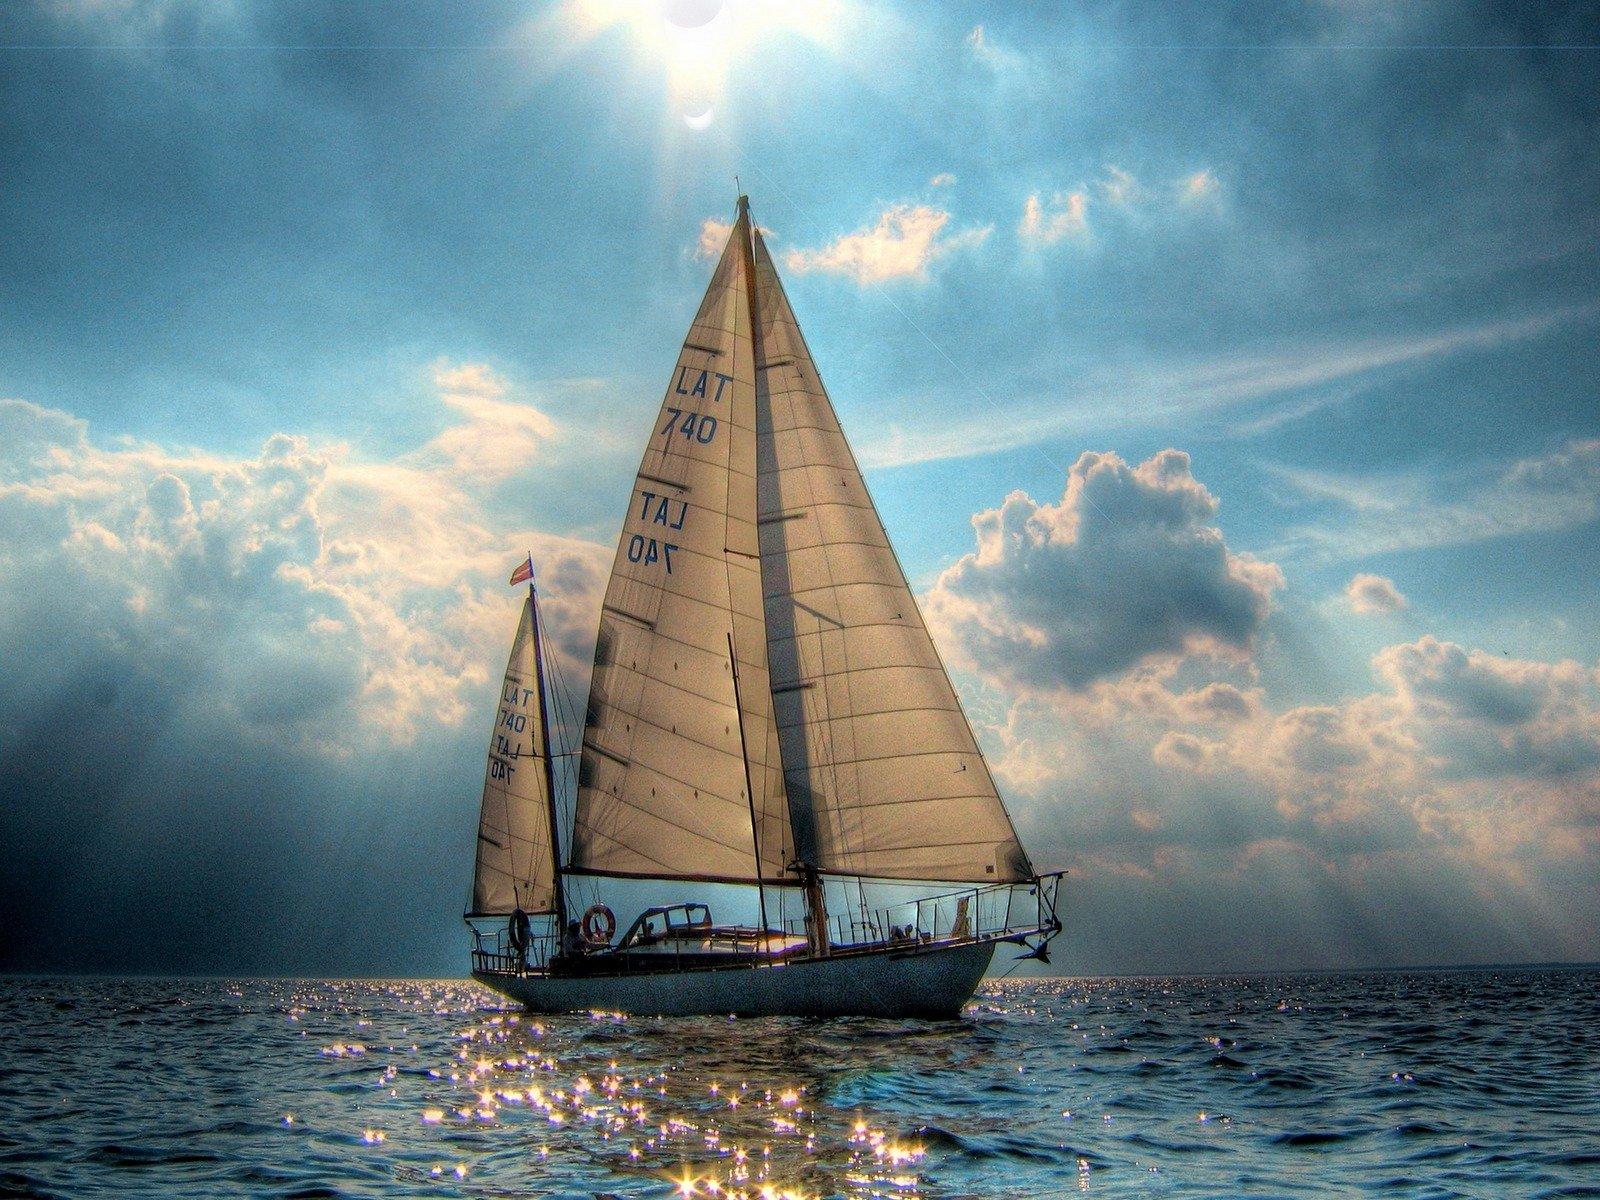 Картинки лодка с парусом, кружки прикольные